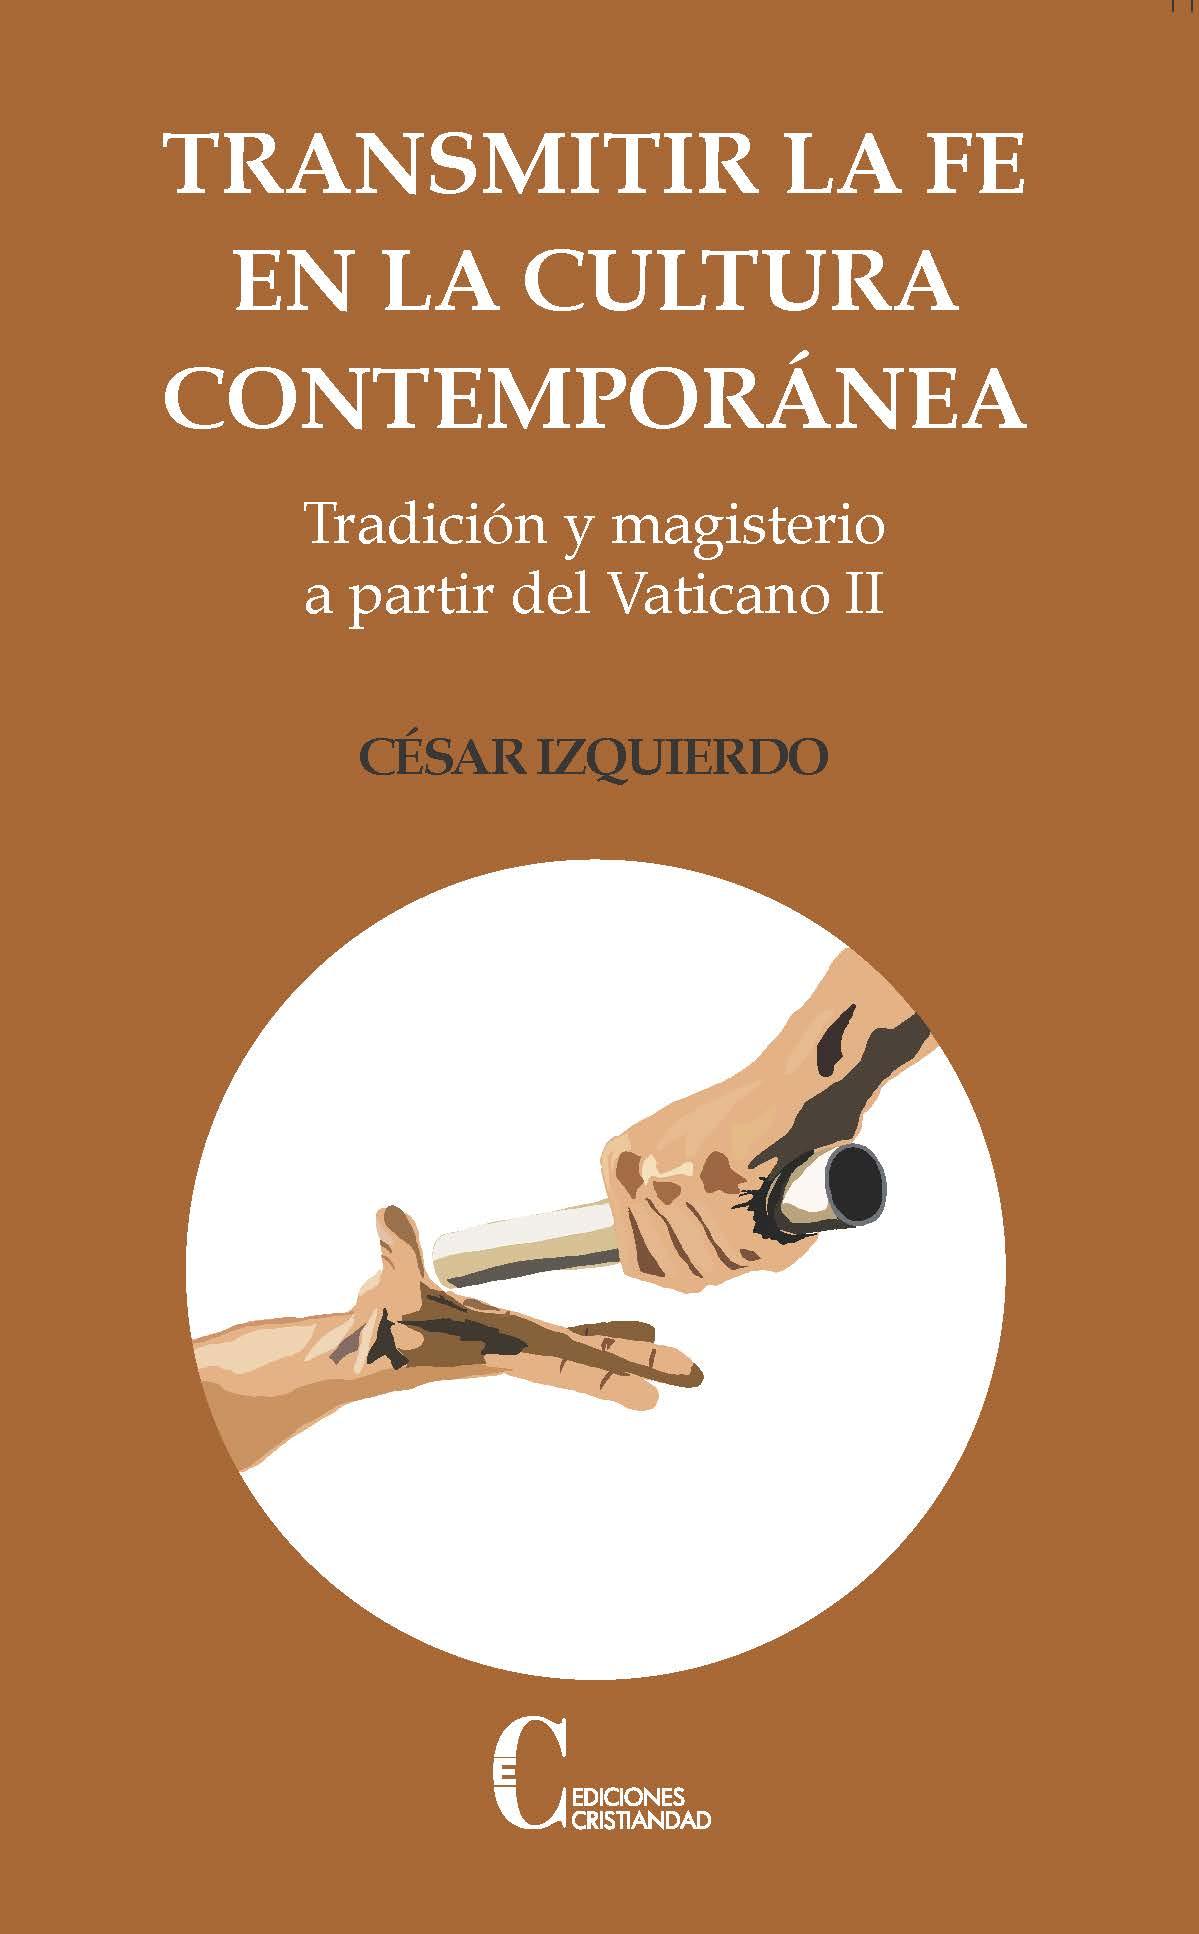 Transmitir la fe en la cultura medterranea